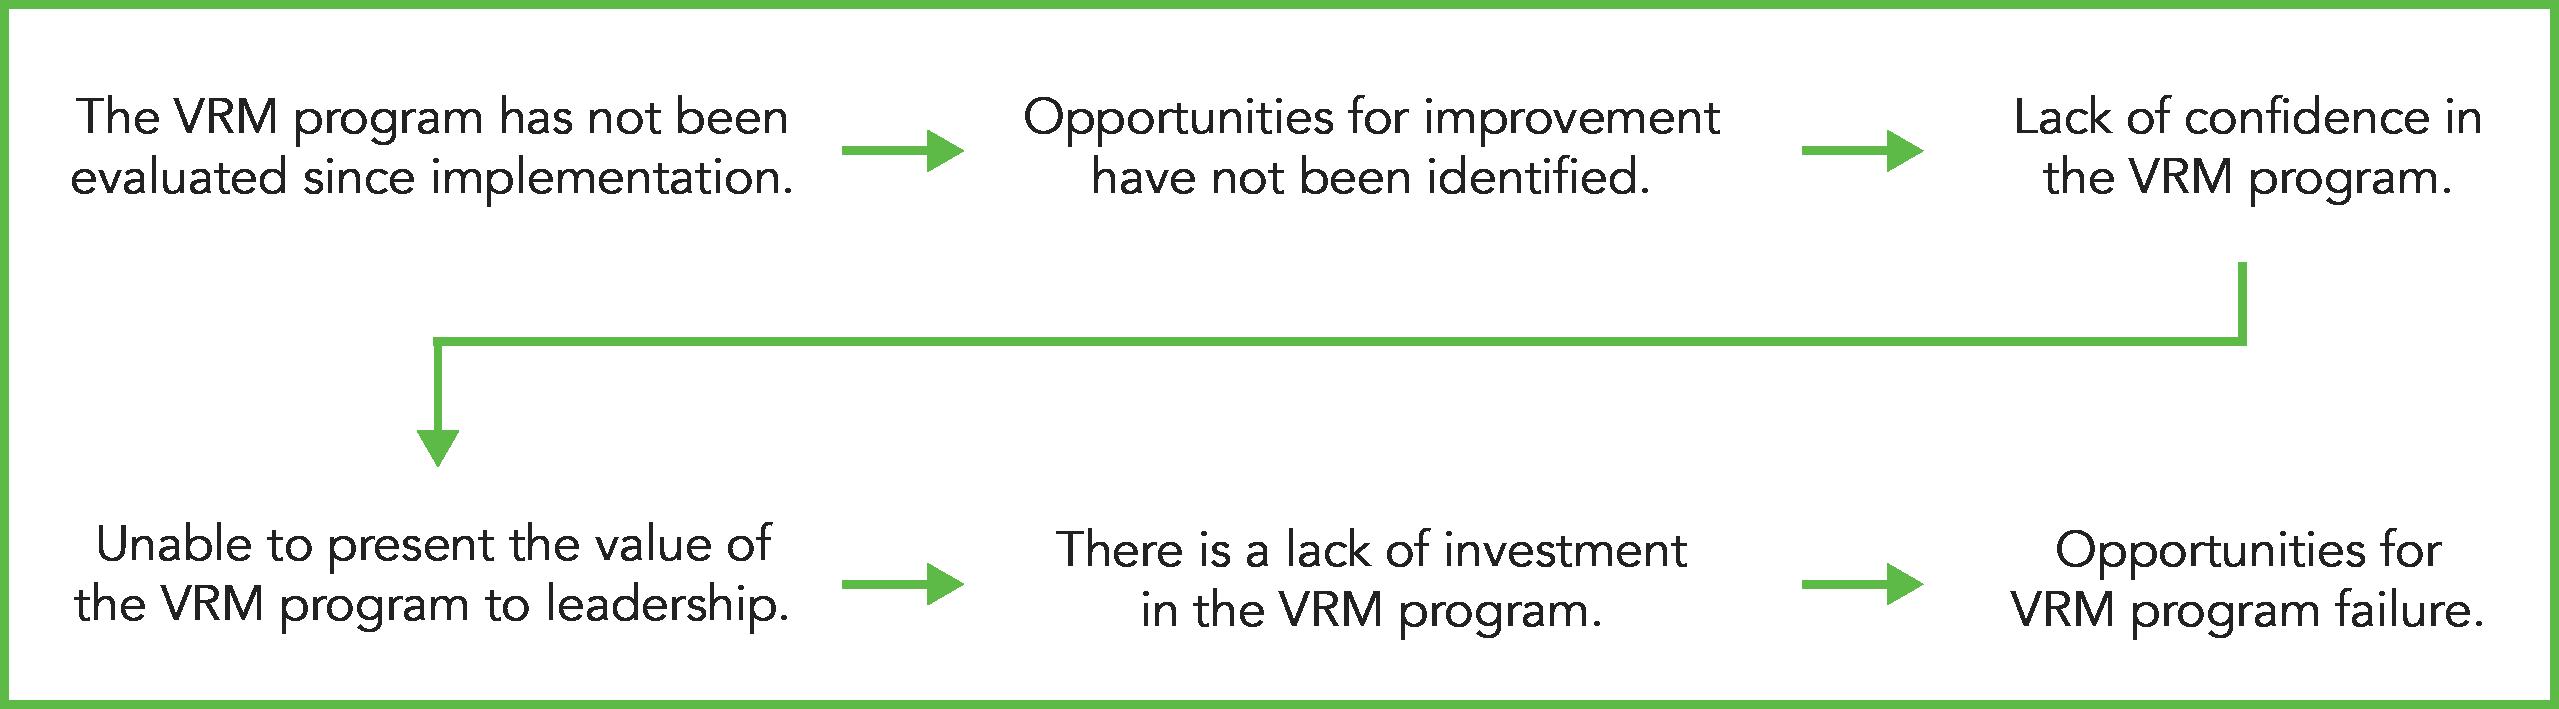 VRM evaluation